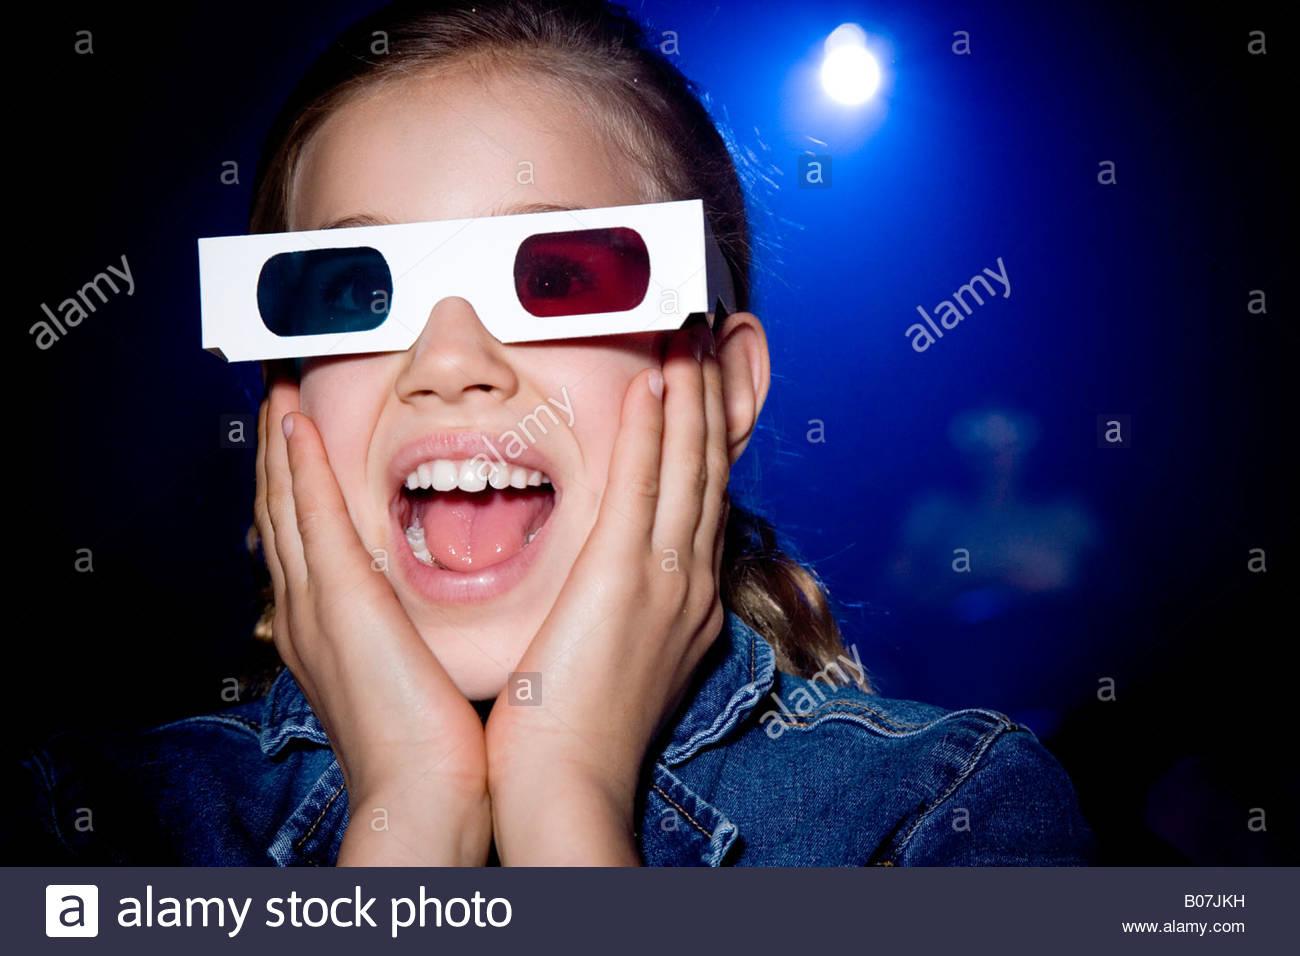 Mädchen im Kino einen Film durch 3-d-Brille Stockbild